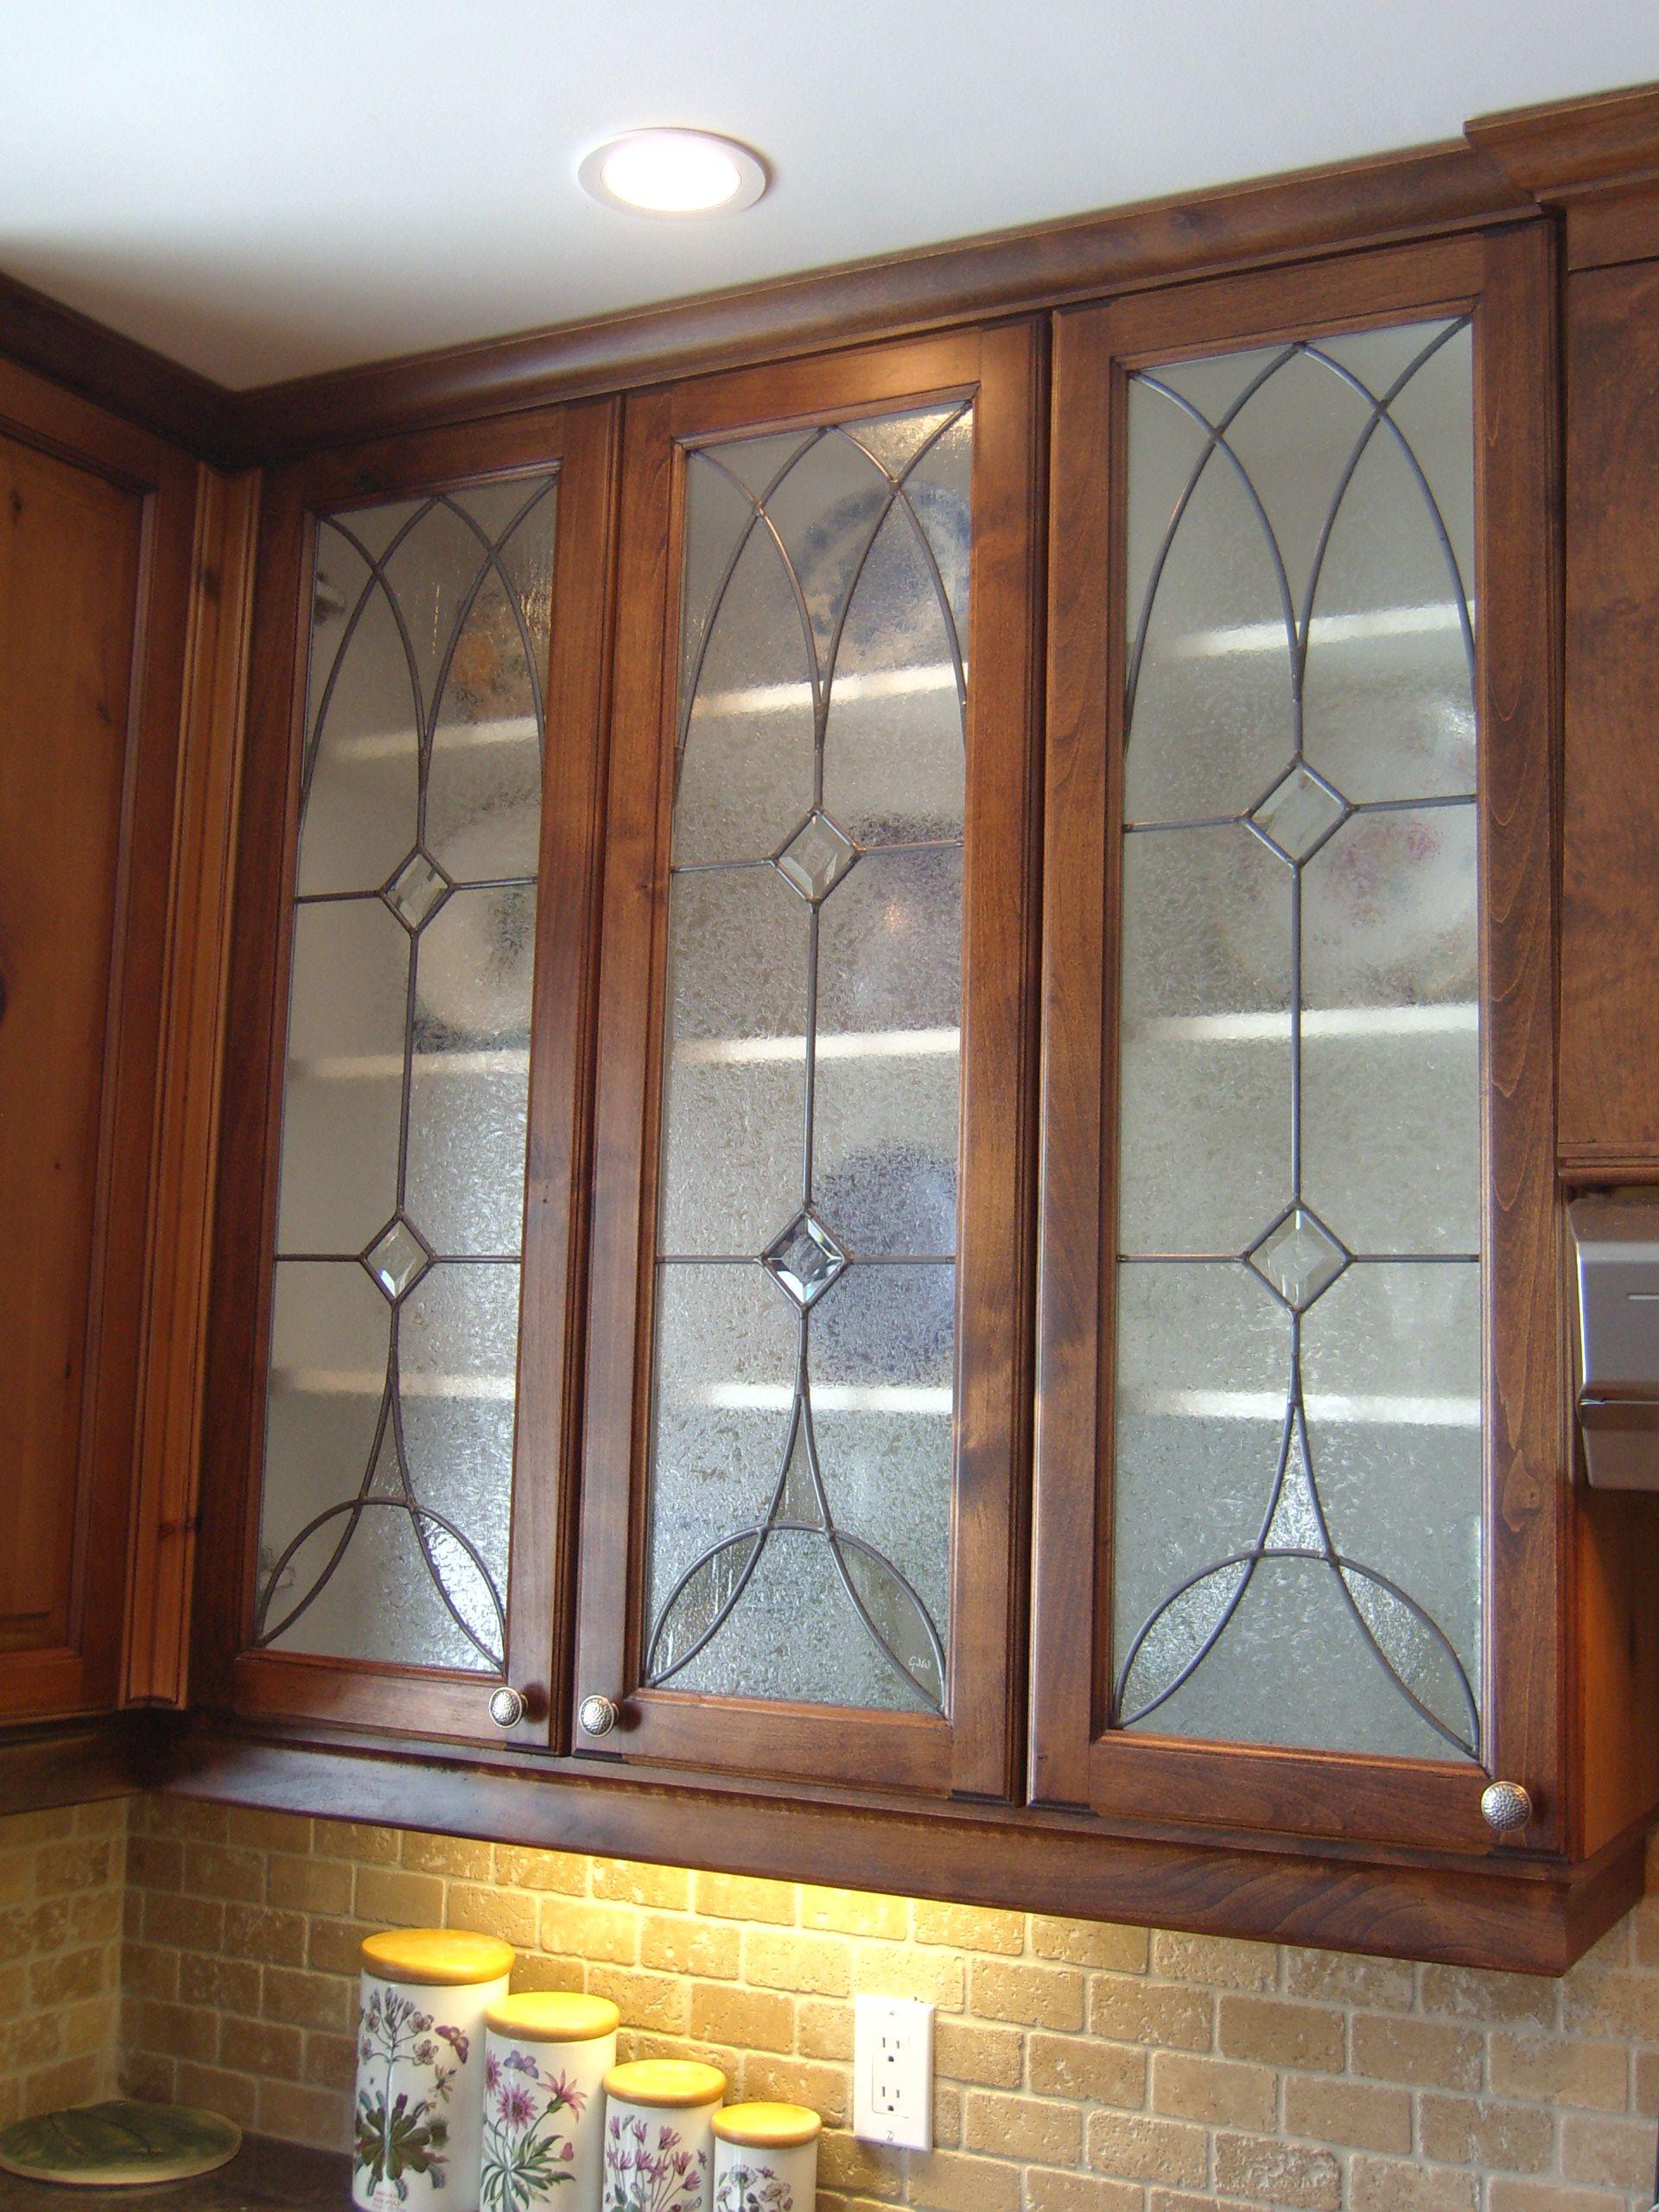 Diy Schrank Turen Schrankturen Milchglas Kuche Kabinett Turen Glas Tur Schranke Zum Ver Glass Cabinet Doors Glass Kitchen Cabinet Doors Glass Kitchen Cabinets